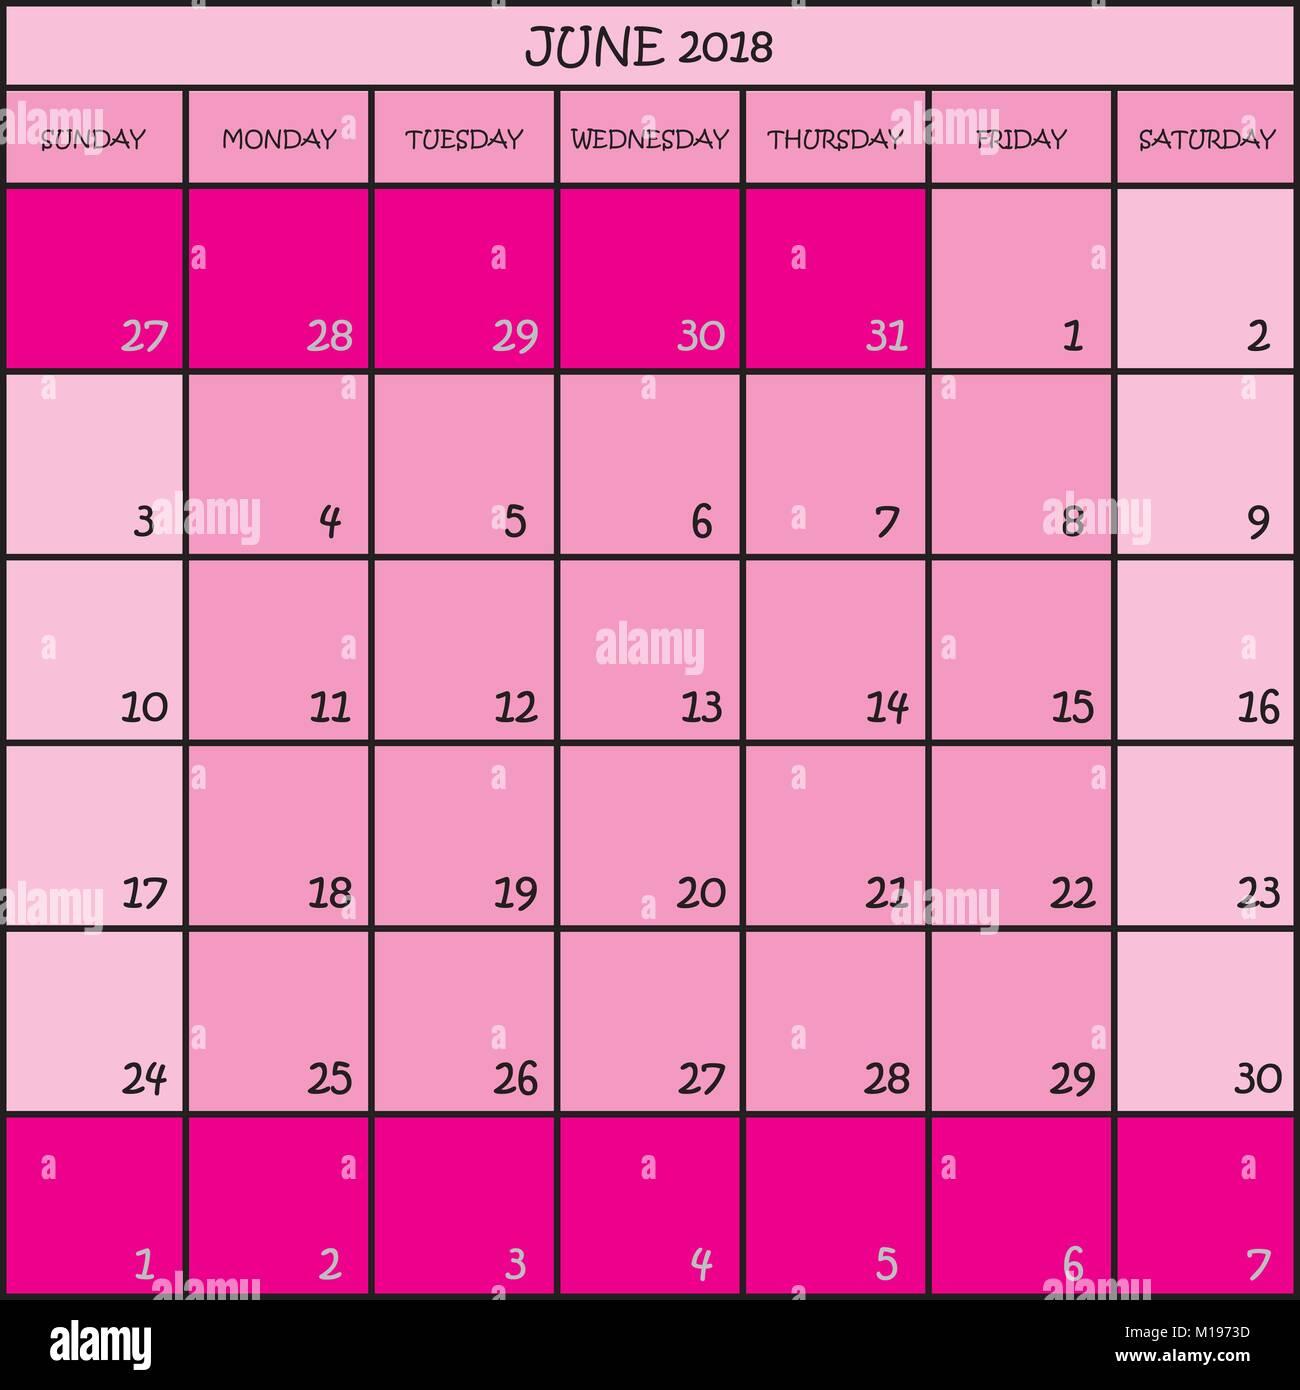 Calendario Mese Giugno.Pianificatore Di Calendario Mese Giugno 2018 Su Sfondo